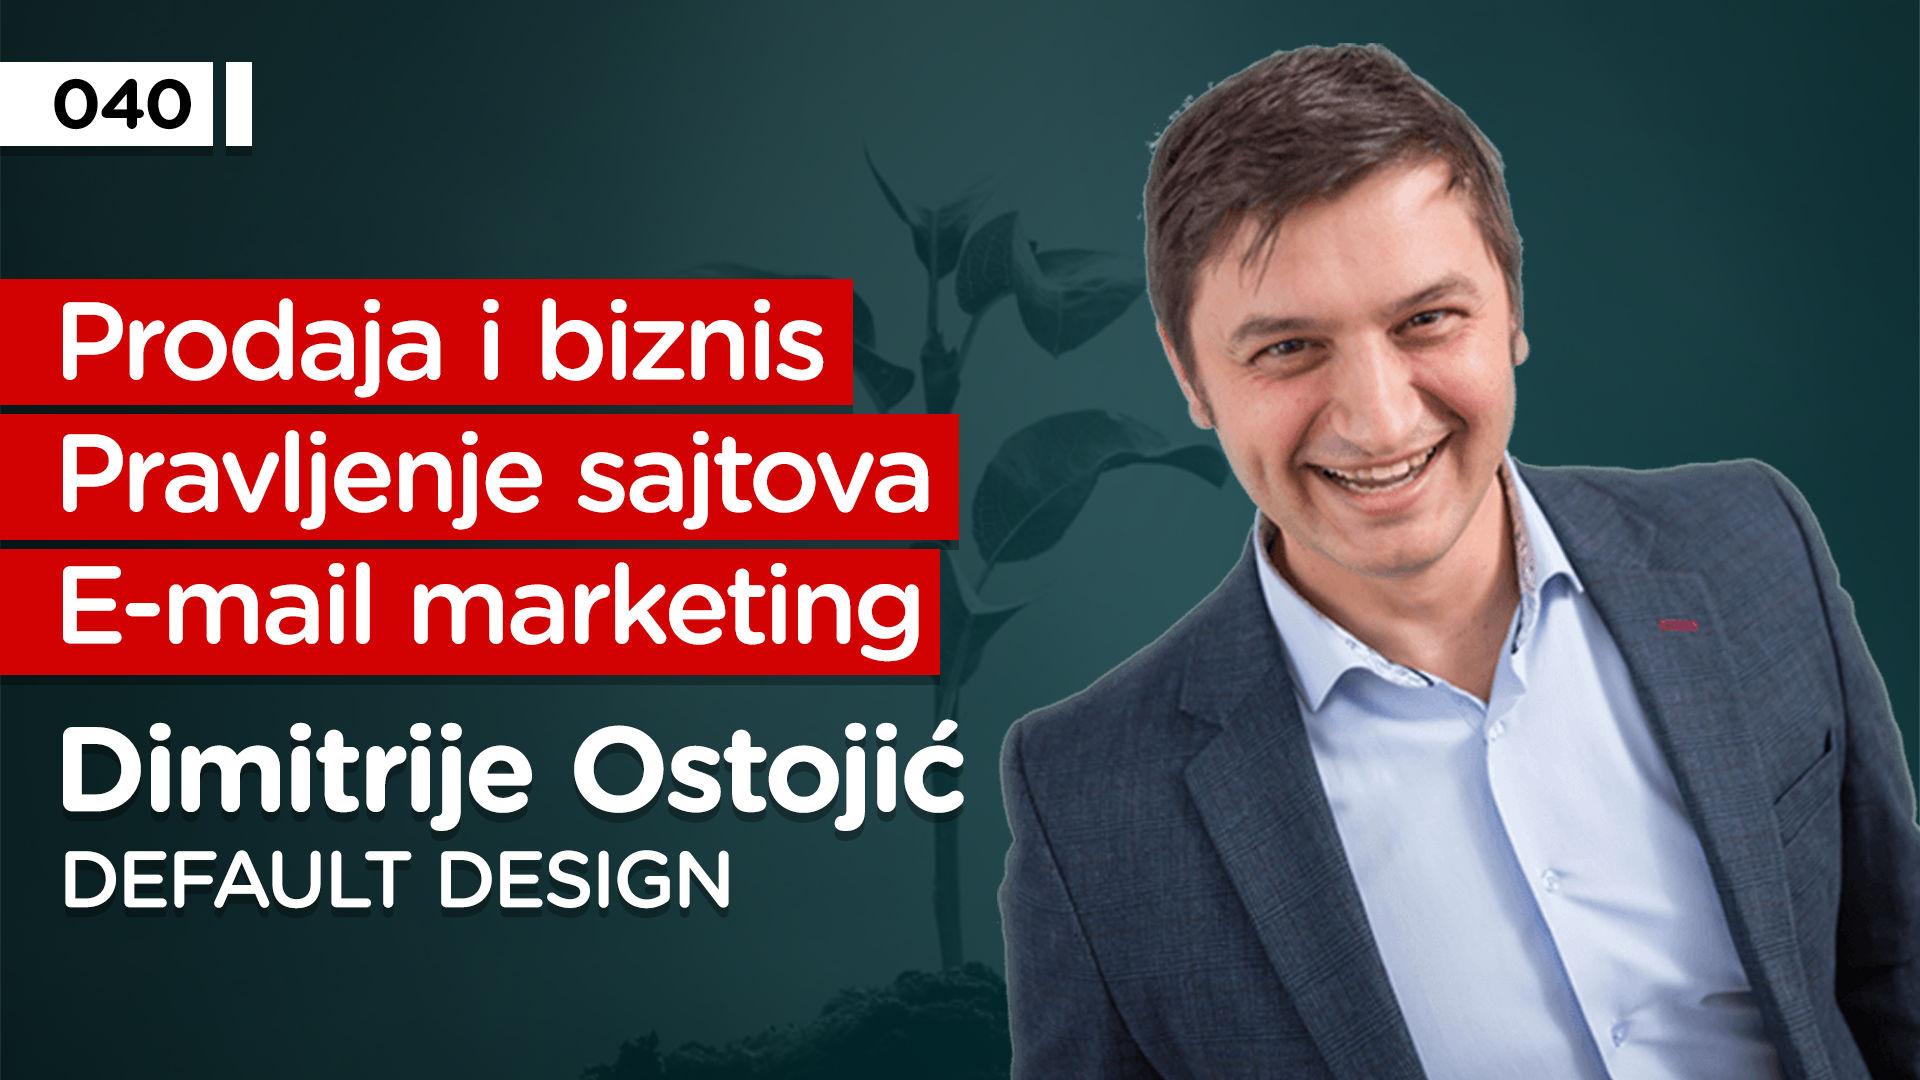 EP040: Dimitrije Ostojić